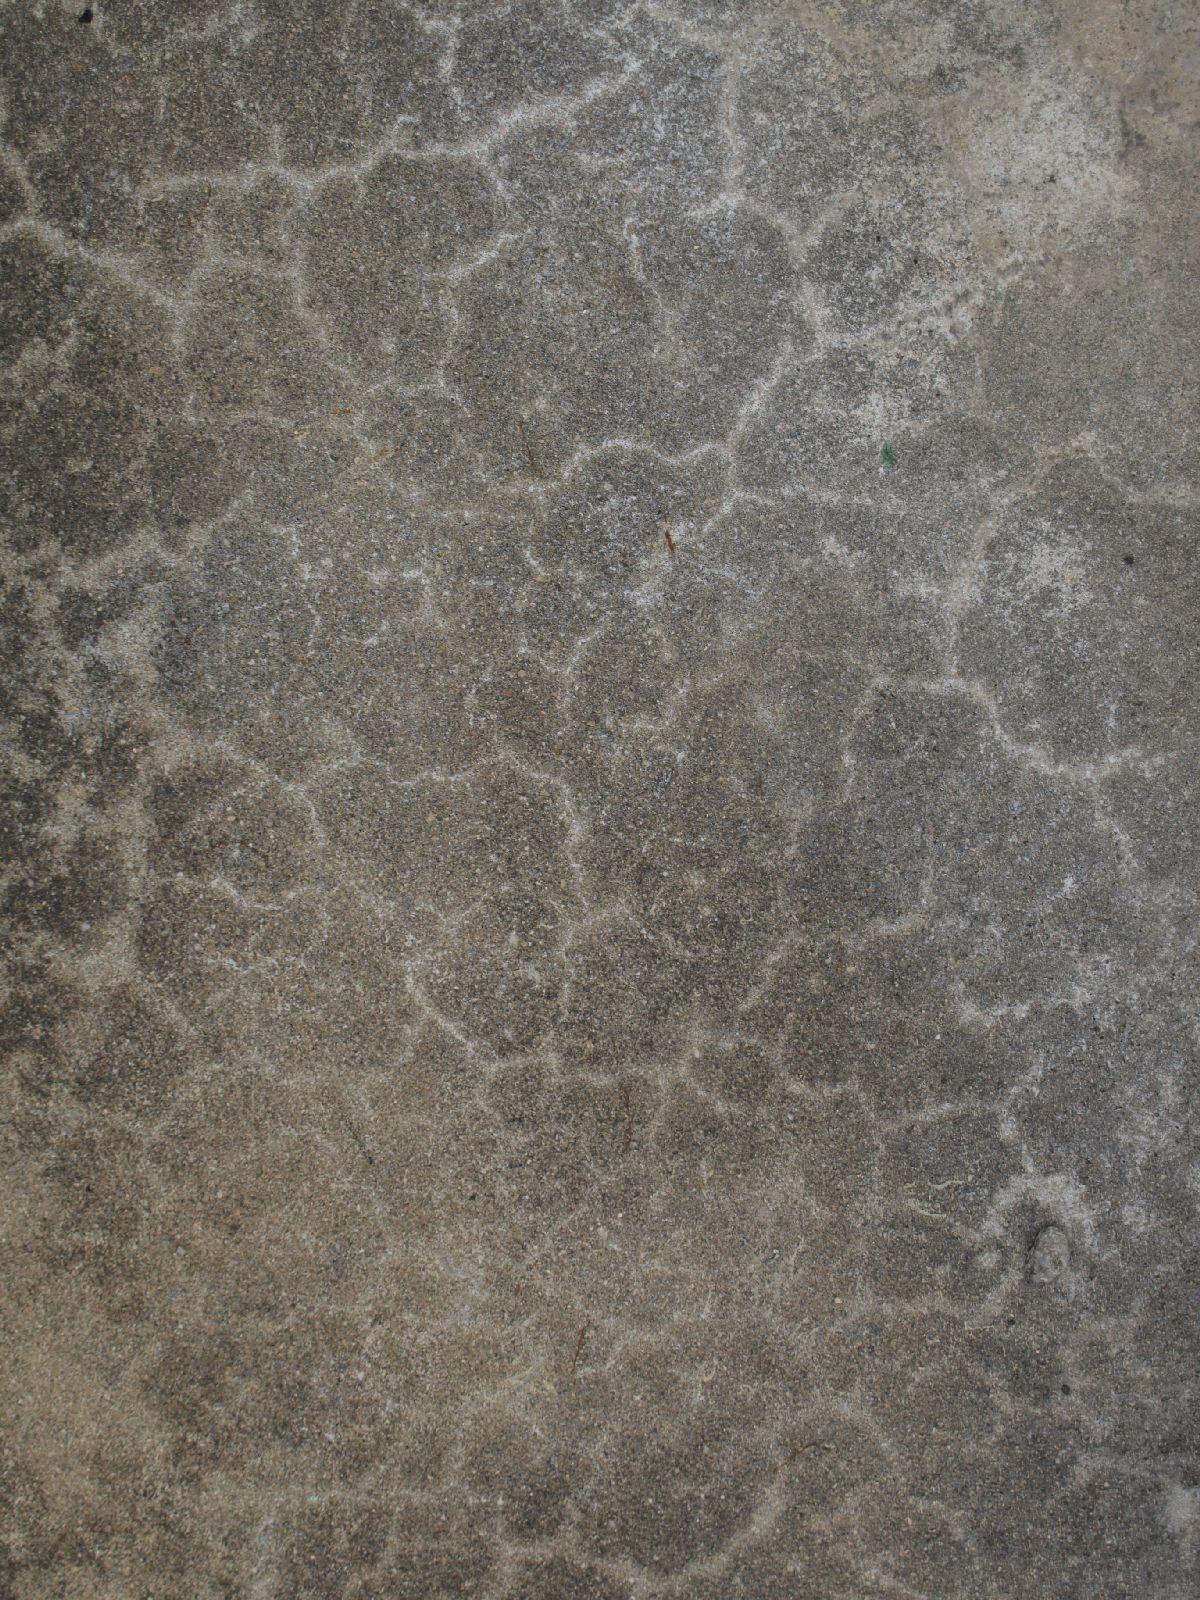 Boden-Gehweg-Strasse-Buergersteig-Textur_A_P8204509